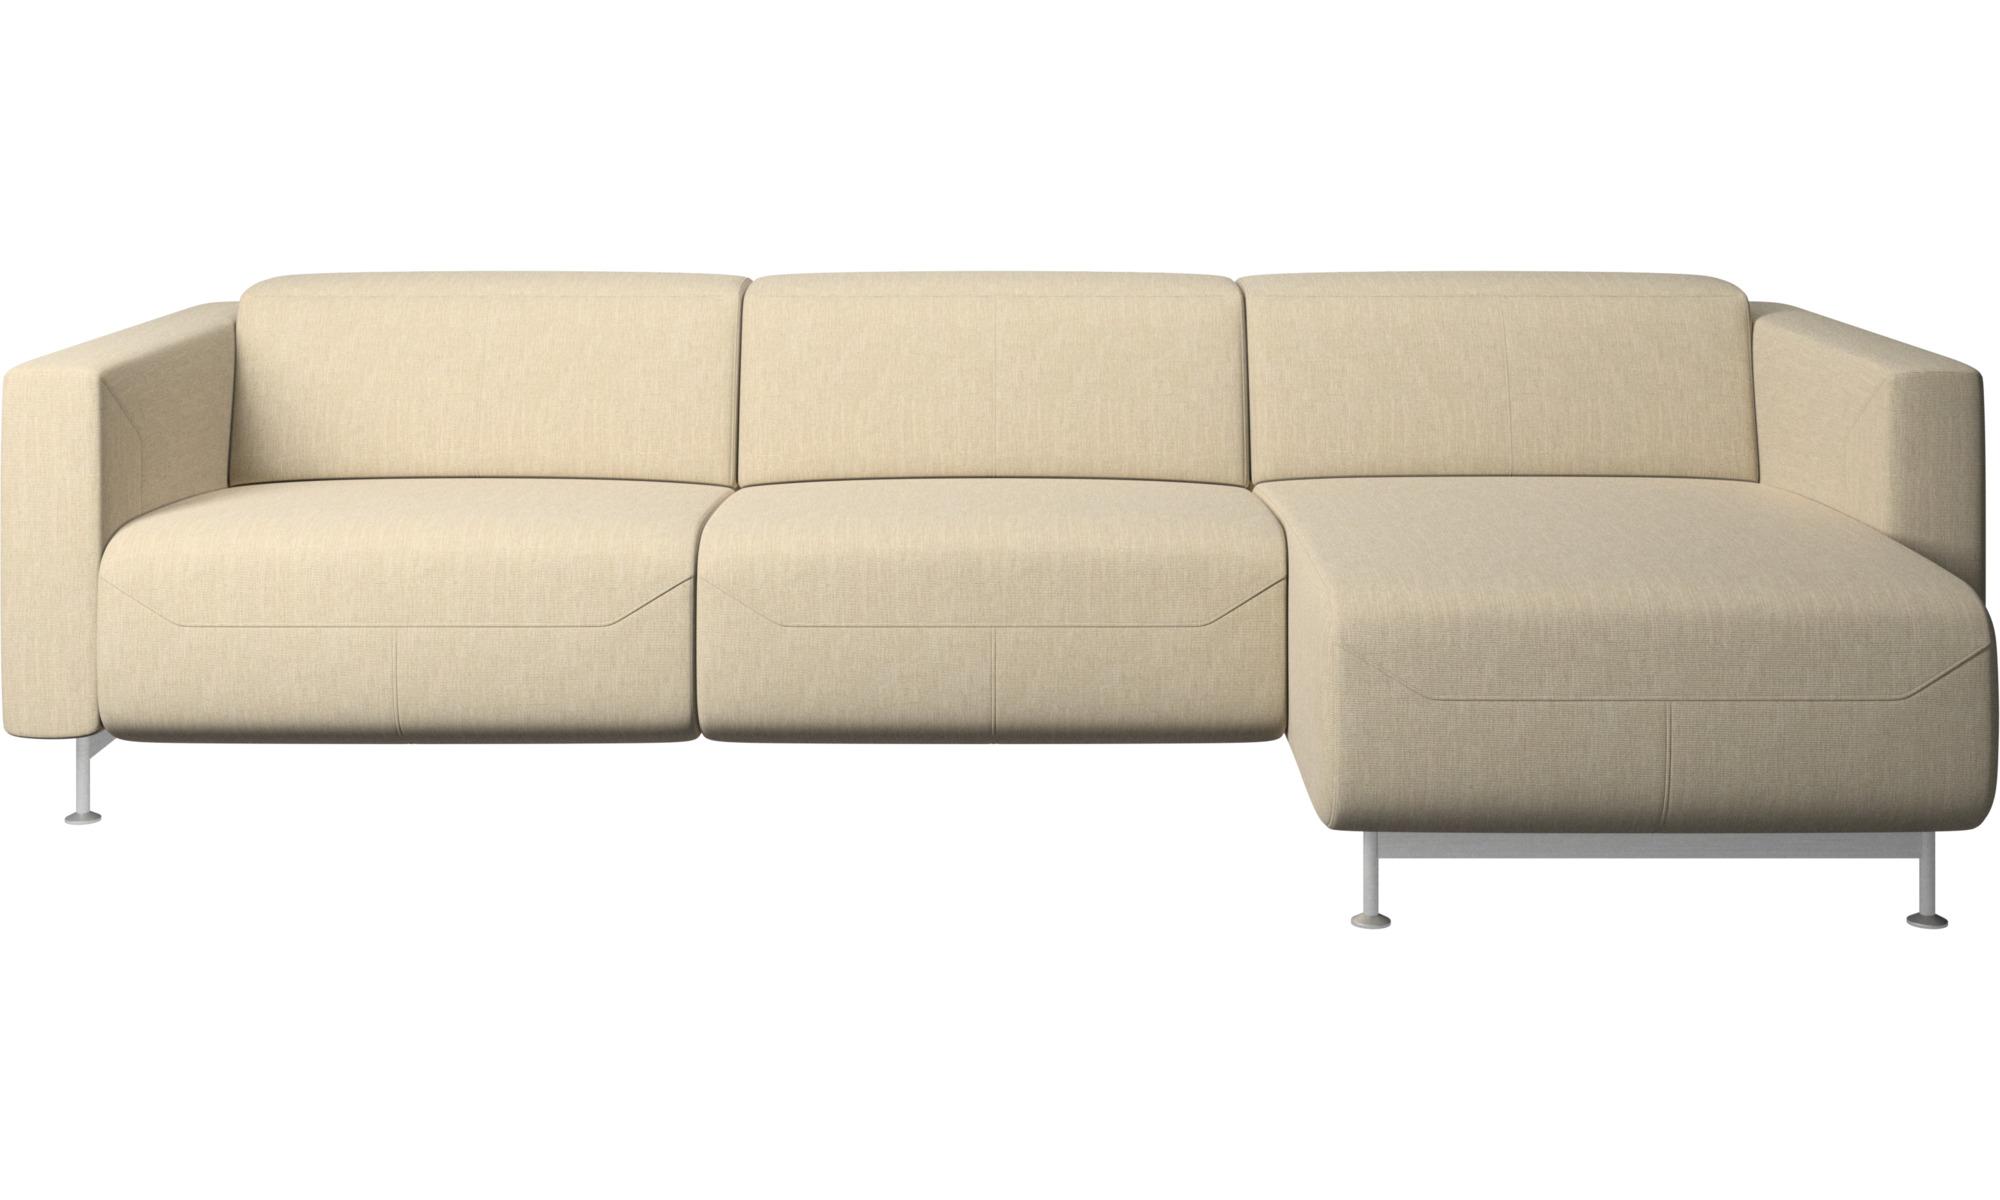 Justerbare sofaer - Parma sofa med hvilefunktion og chaiselong - Brun - Stof